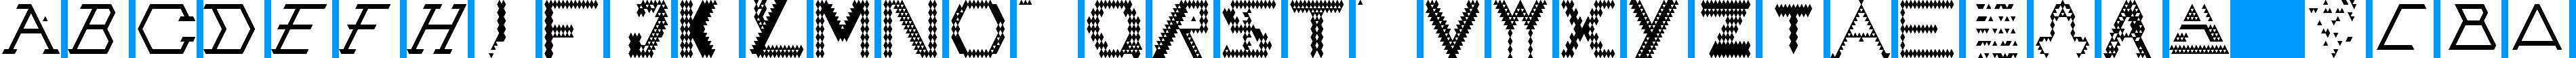 Particip-a-type v.207